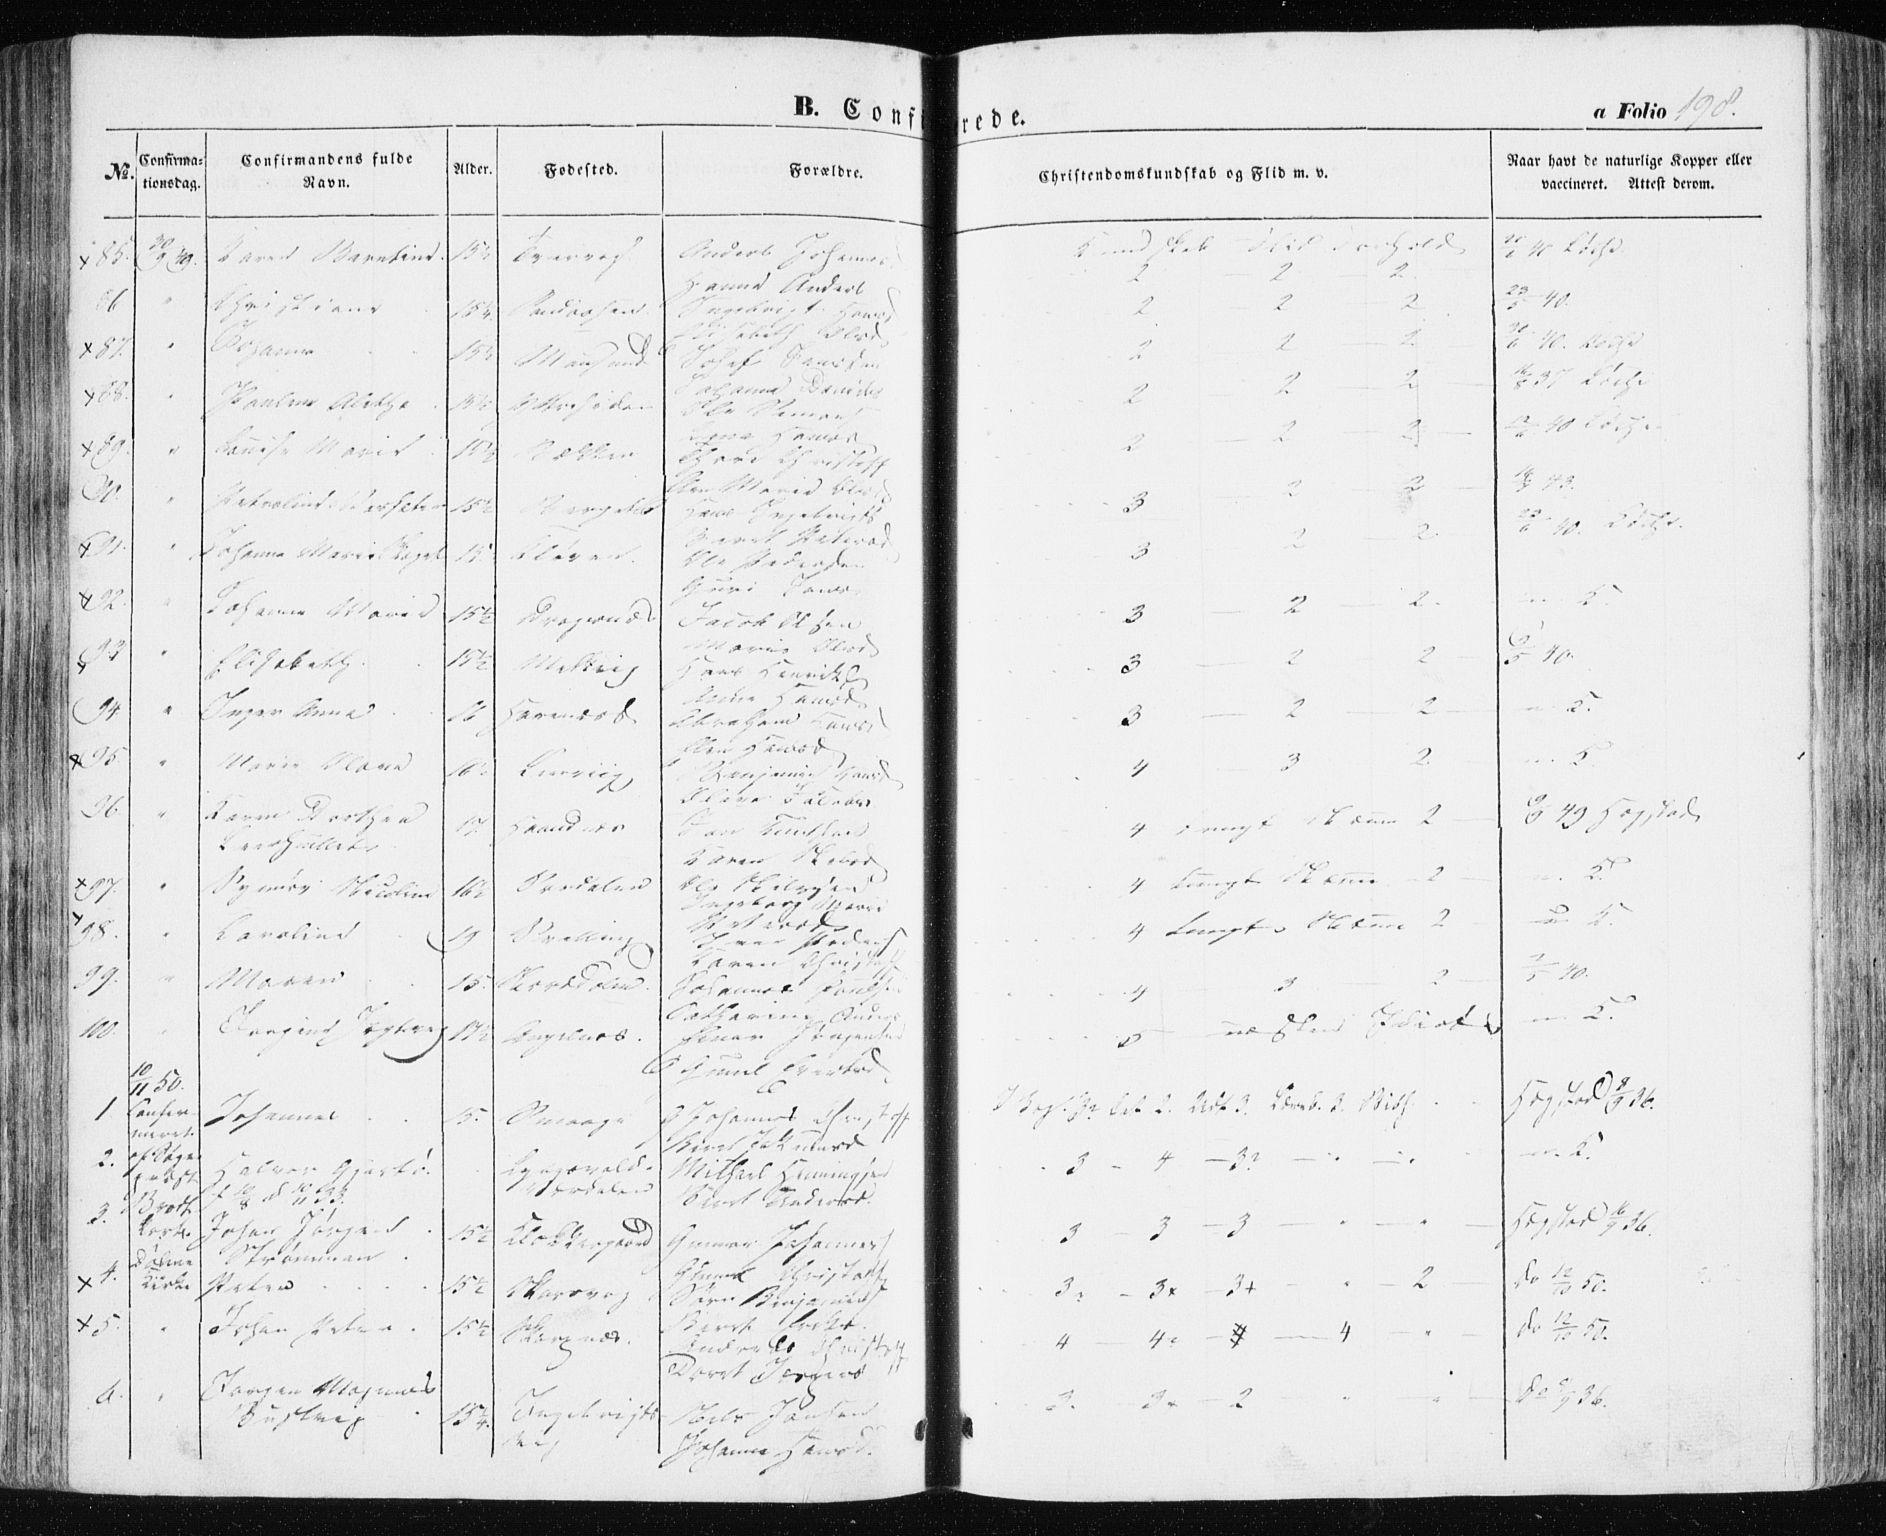 SAT, Ministerialprotokoller, klokkerbøker og fødselsregistre - Sør-Trøndelag, 634/L0529: Ministerialbok nr. 634A05, 1843-1851, s. 198